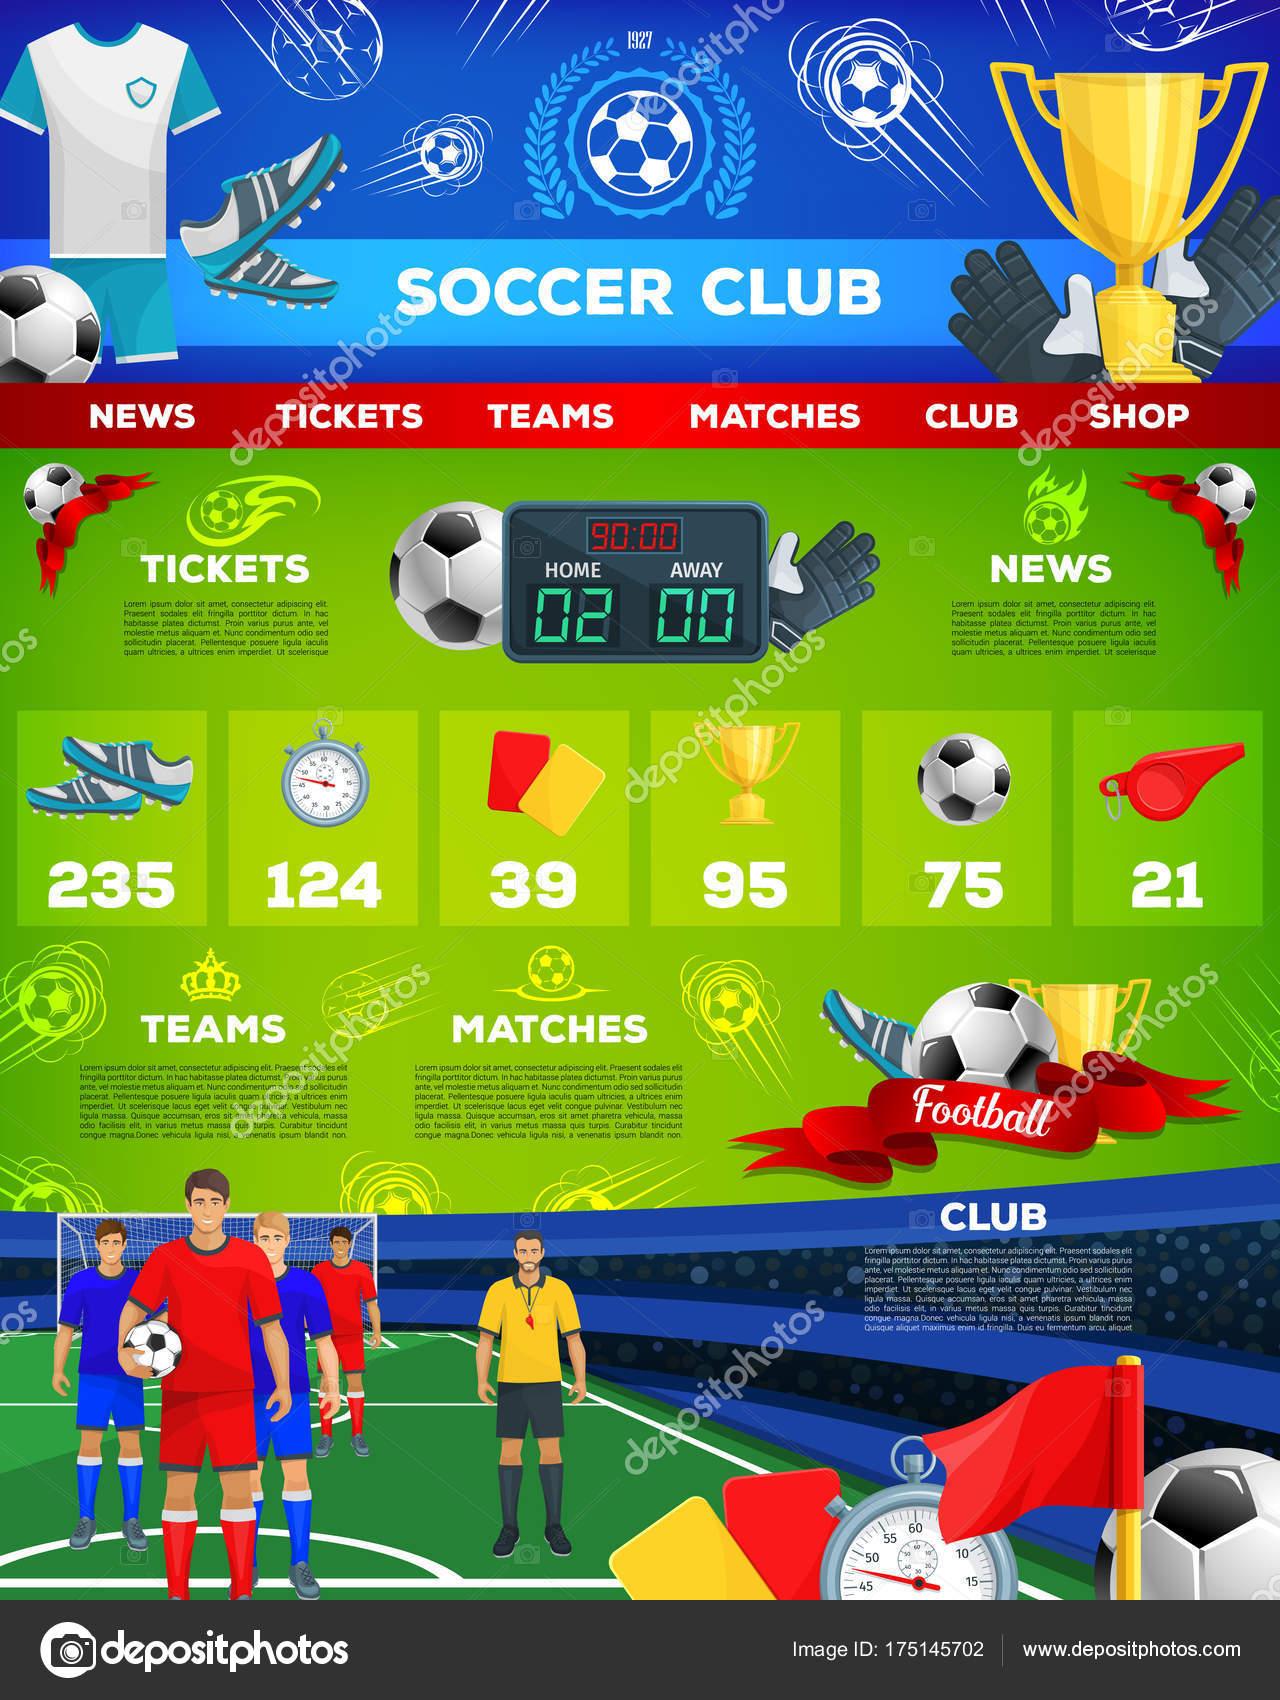 36766f84d Futebol Clube pouso site ou página da web modelo de equipe de futebol  notícias e jogo resultados placar do esporte ou coincide com notícias.